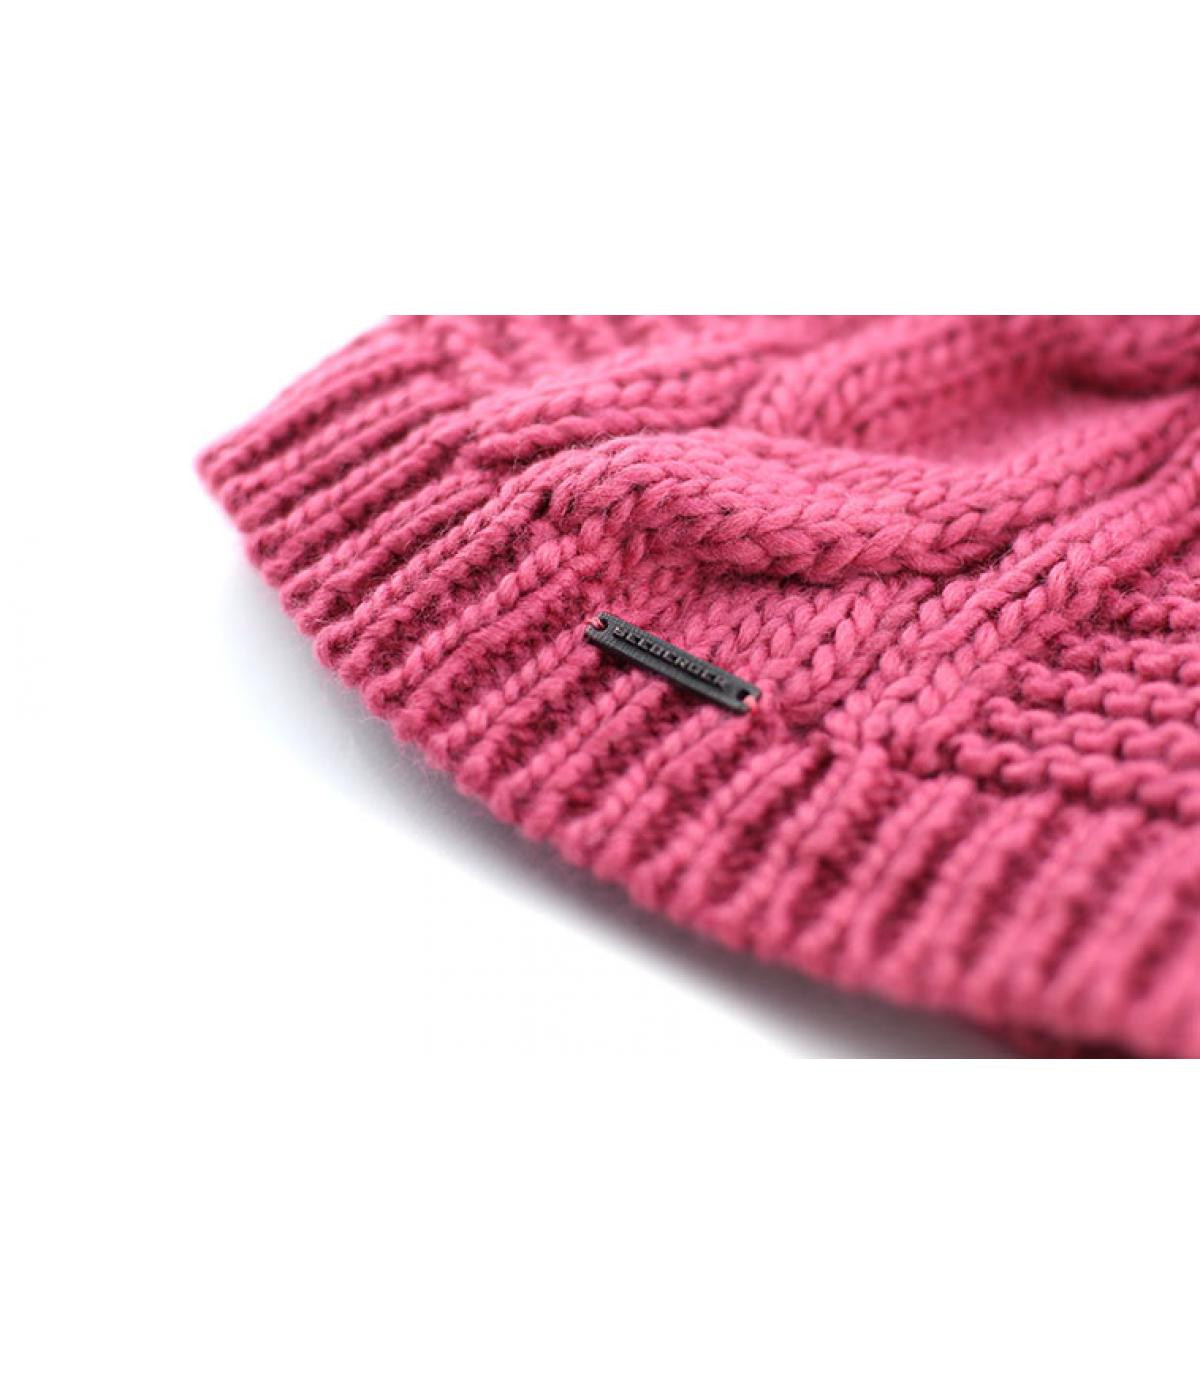 Details Bonnet long pompon bois de rose - Abbildung 3